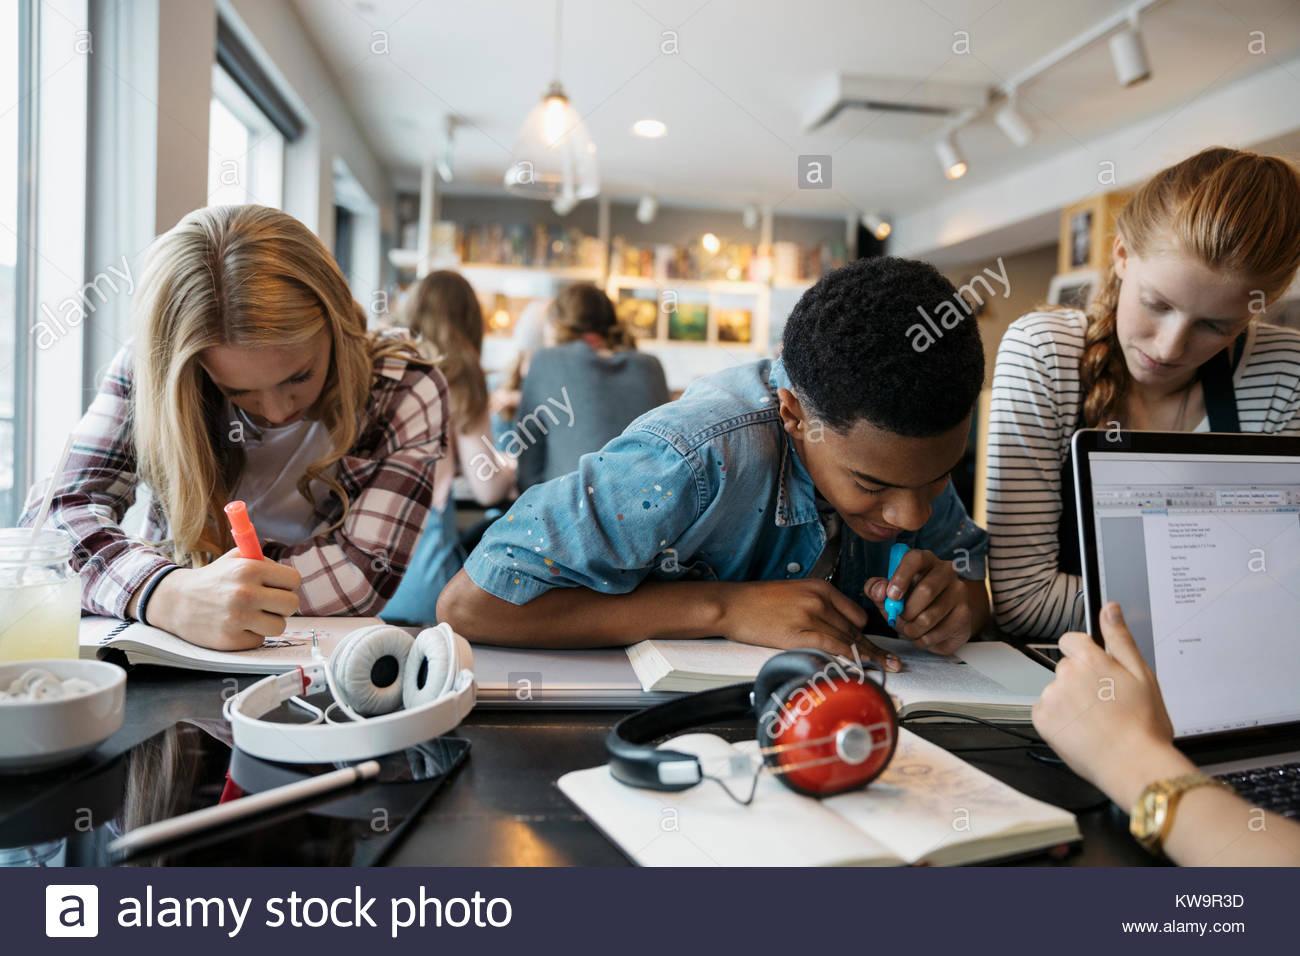 High School Studenten studieren an Cafe Tabelle Stockbild